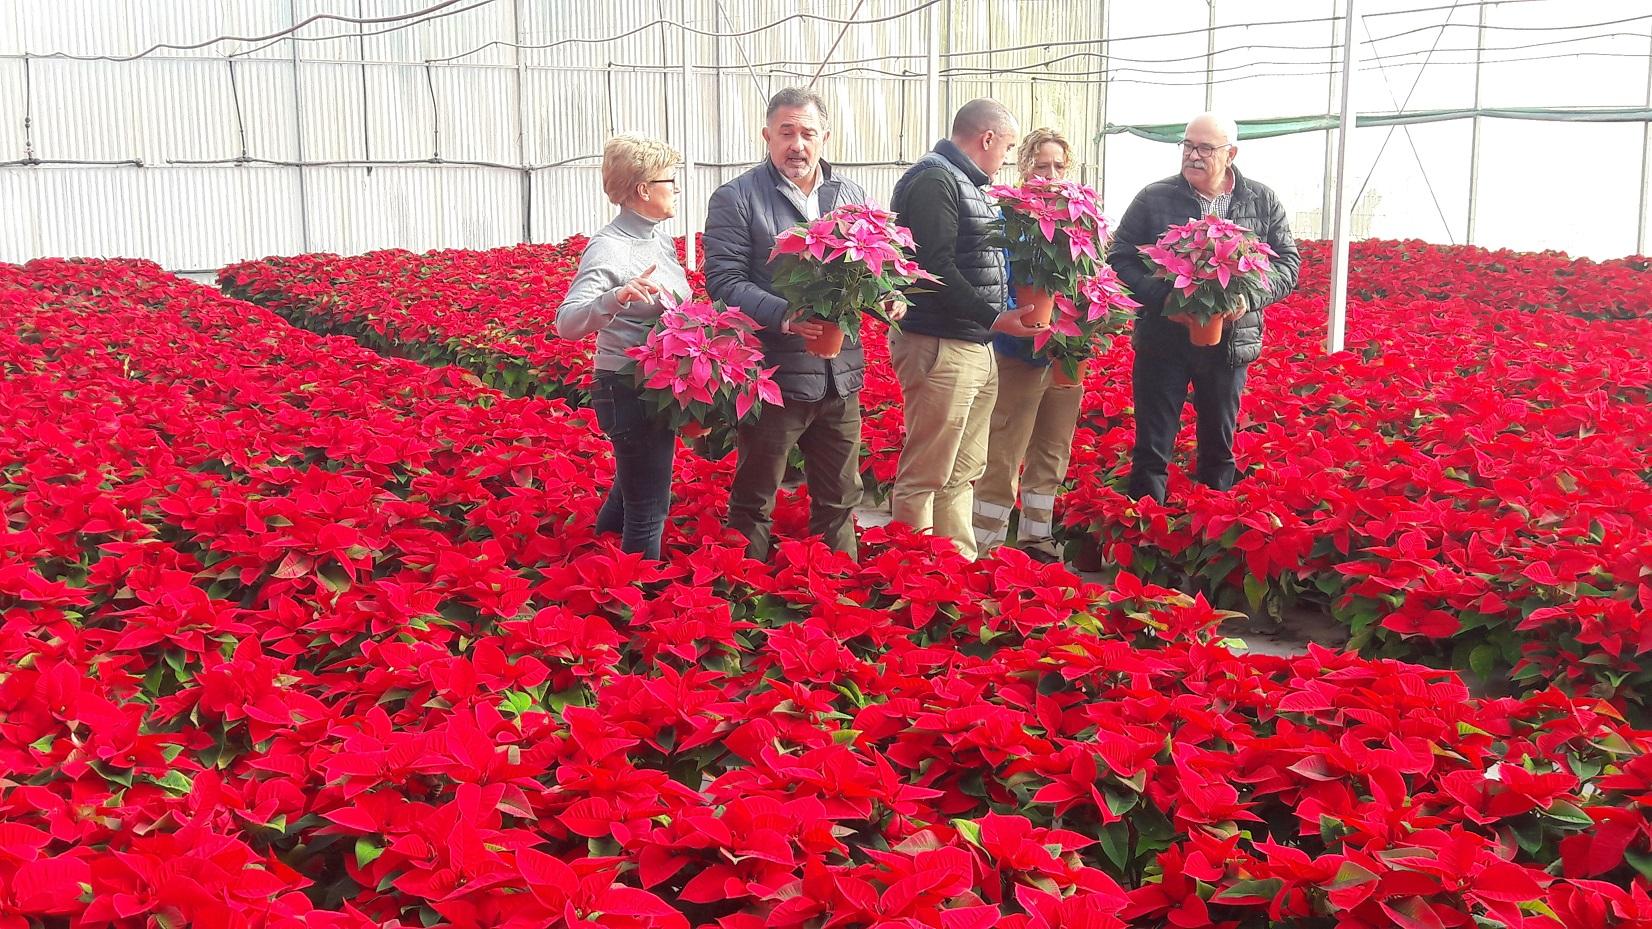 Más de 5.000 flores de Pascua decorarán los distintos espacios verdes de cara a la Navidad